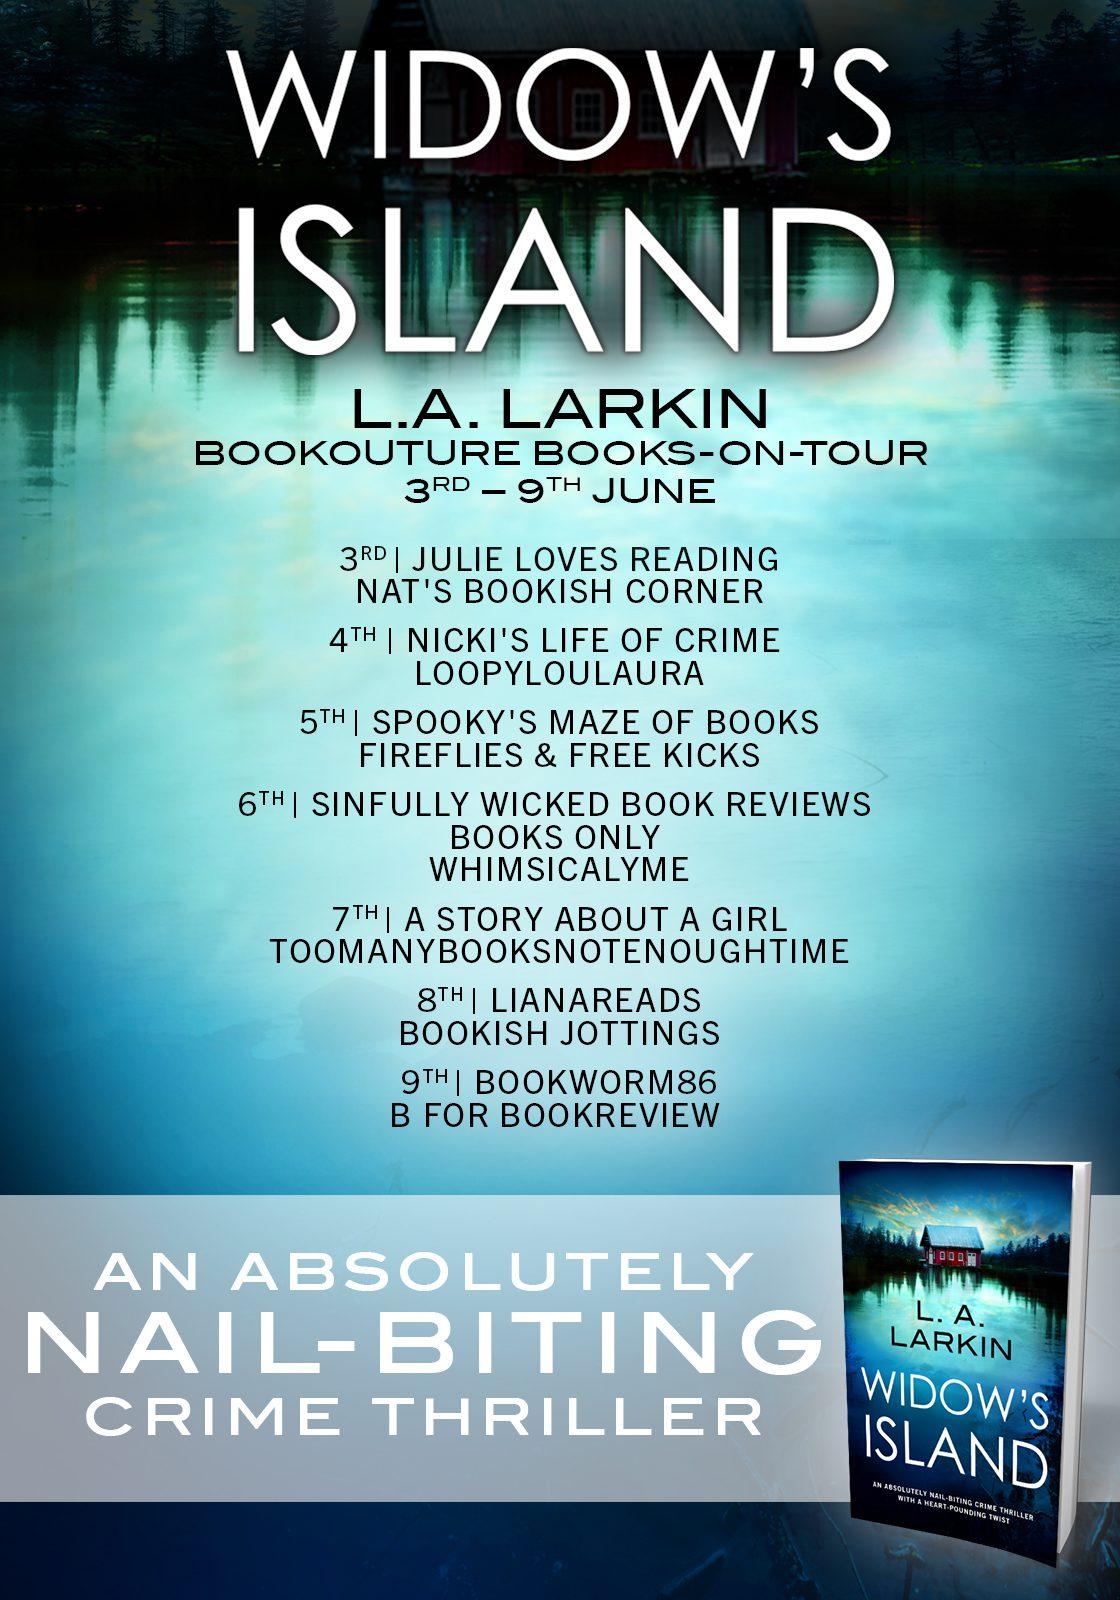 Widow's Island blog tour banner